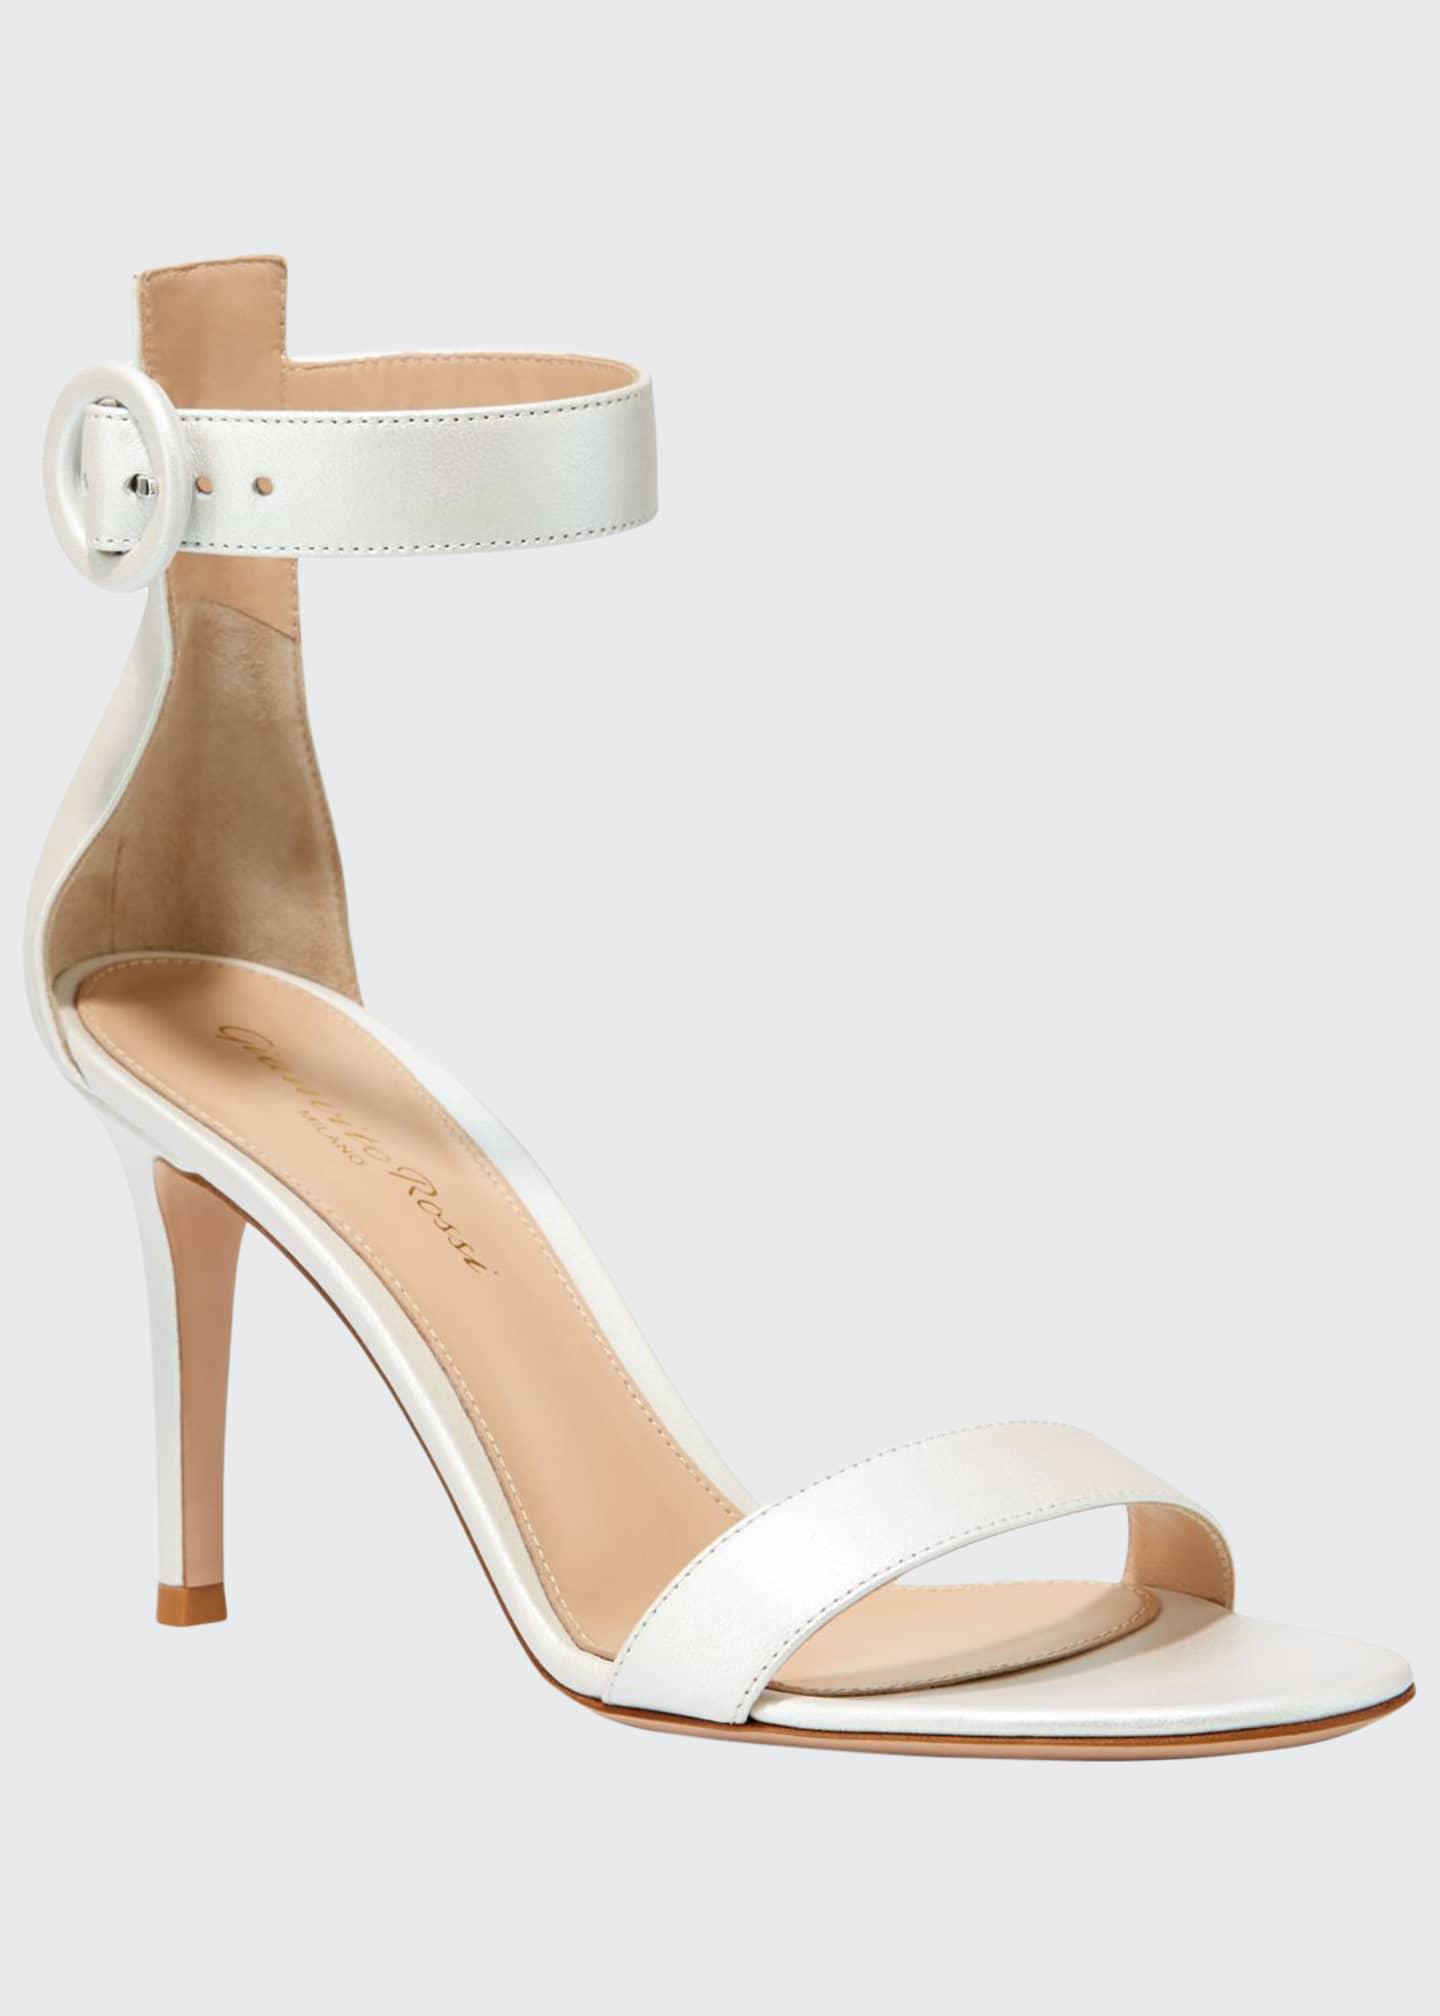 Gianvito Rossi Aurora Portofino Pearlescent Ankle-Strap Sandals